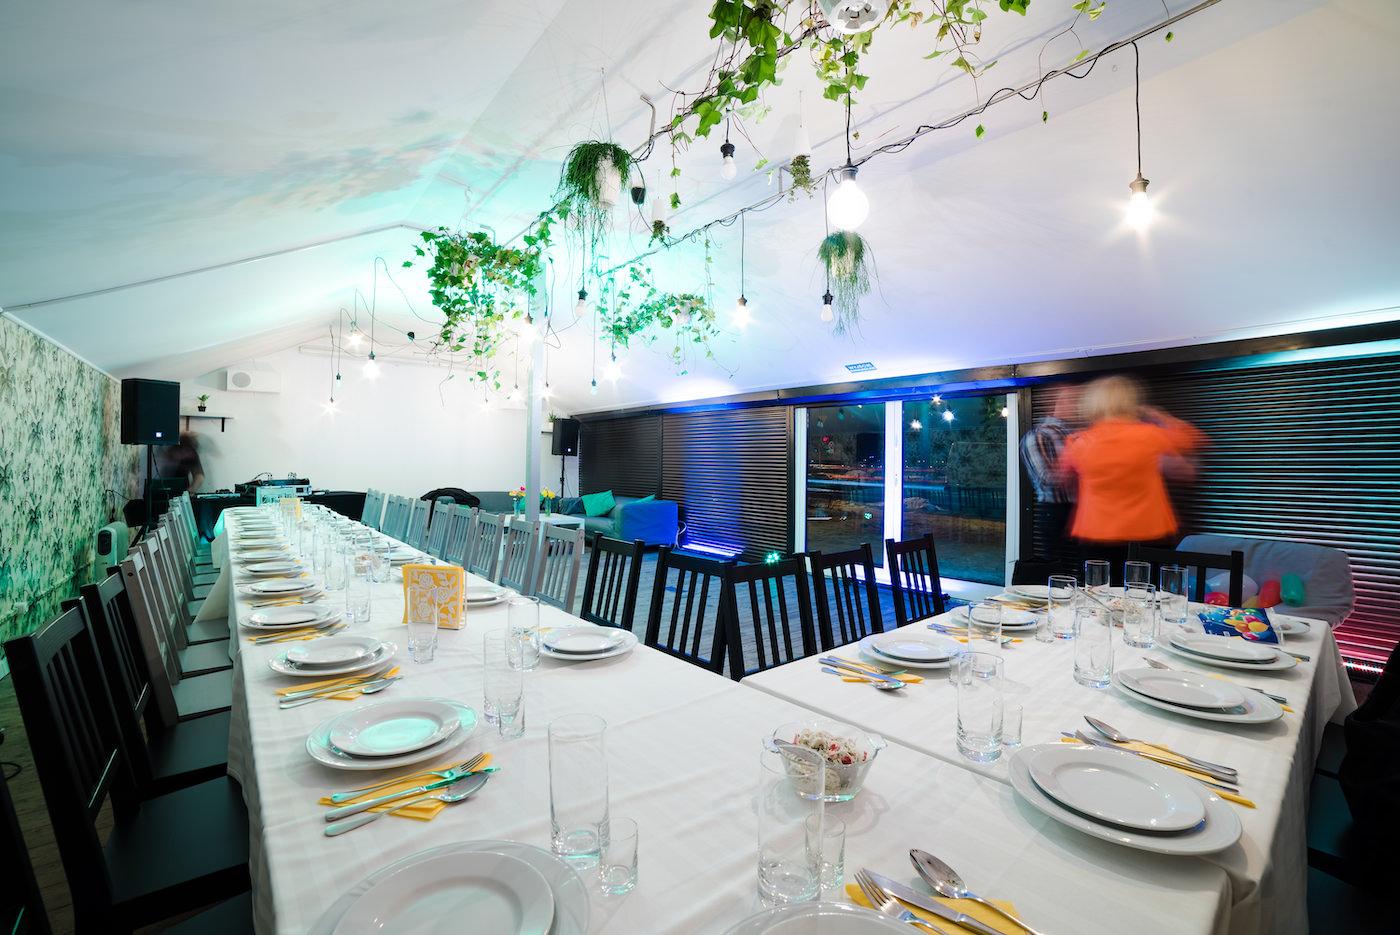 Zdjęcia stołów z białym obrusem